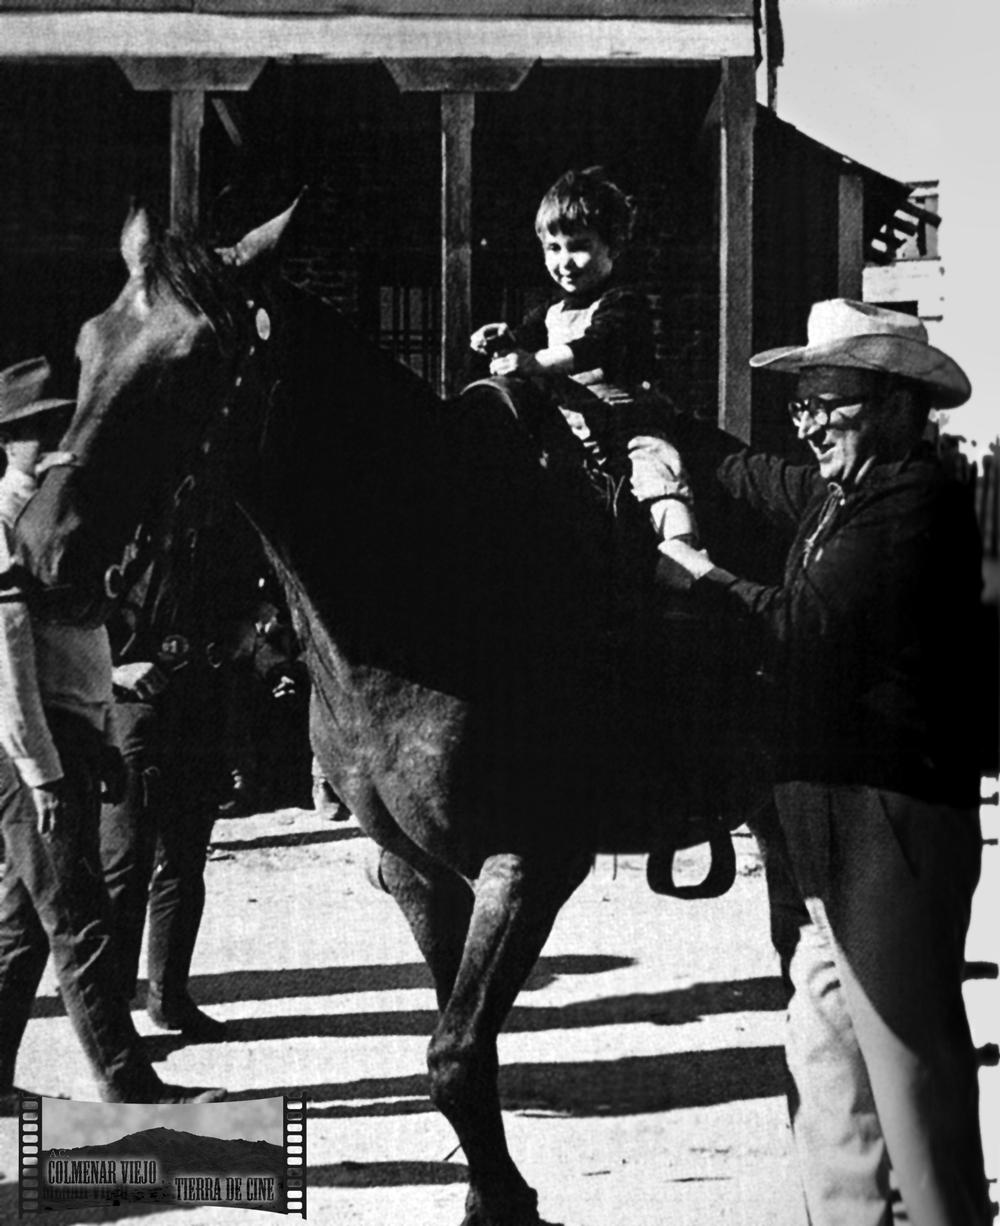 Sergio Leone y su hija Raffaella rodando La muerte tenía un precio en el decorado city del oeste de la Dehesa de Navalvillar de Colmenar Viejo. Mayo 1965.